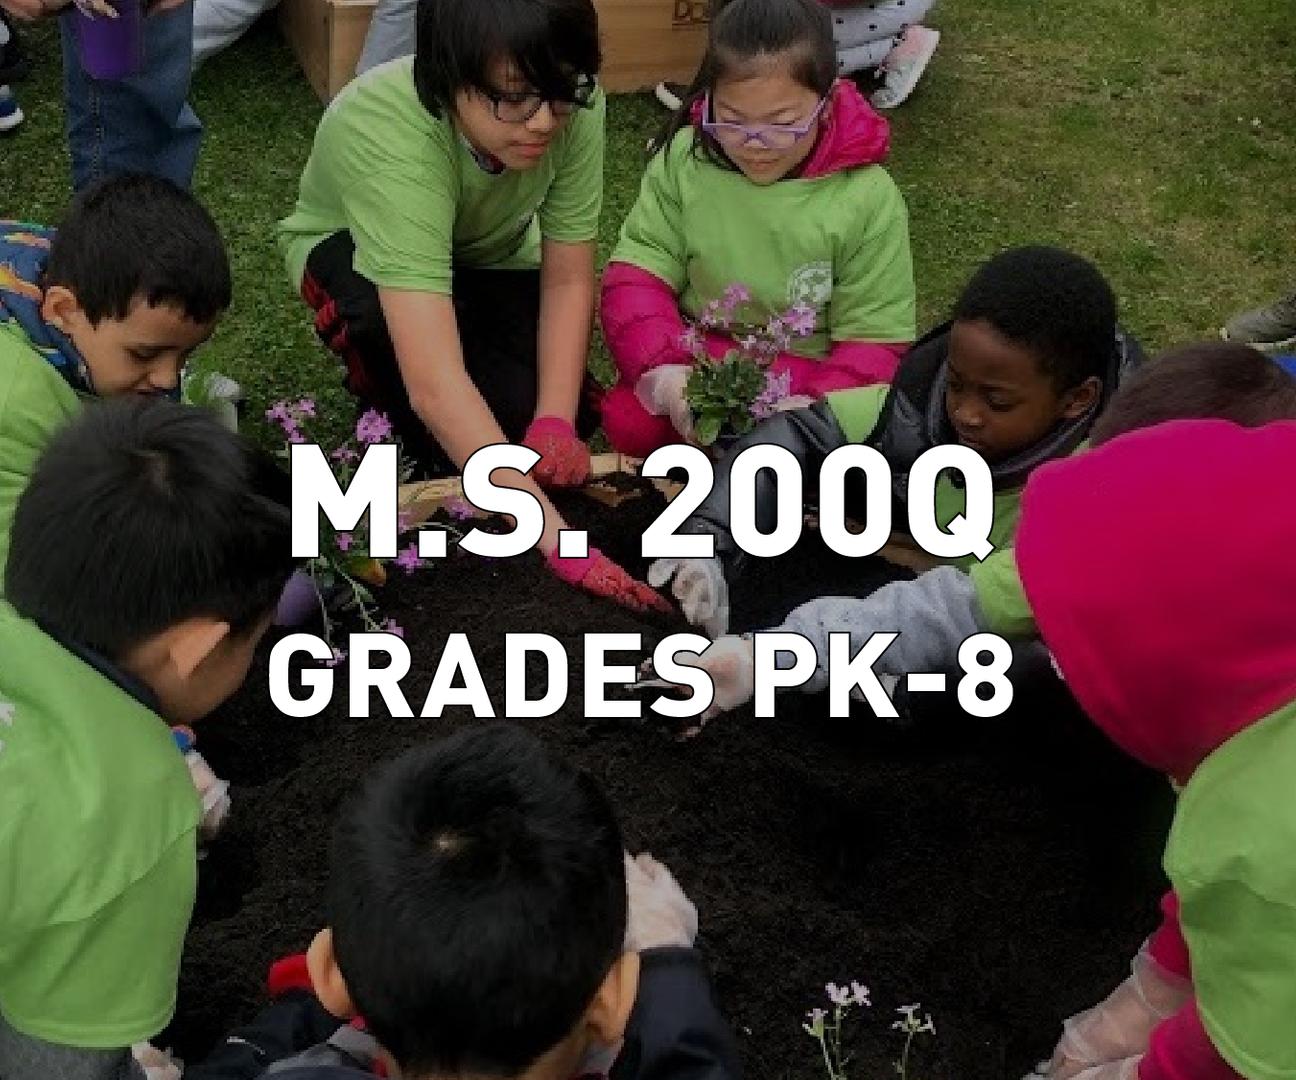 M.S. 200Q Grades PK-8